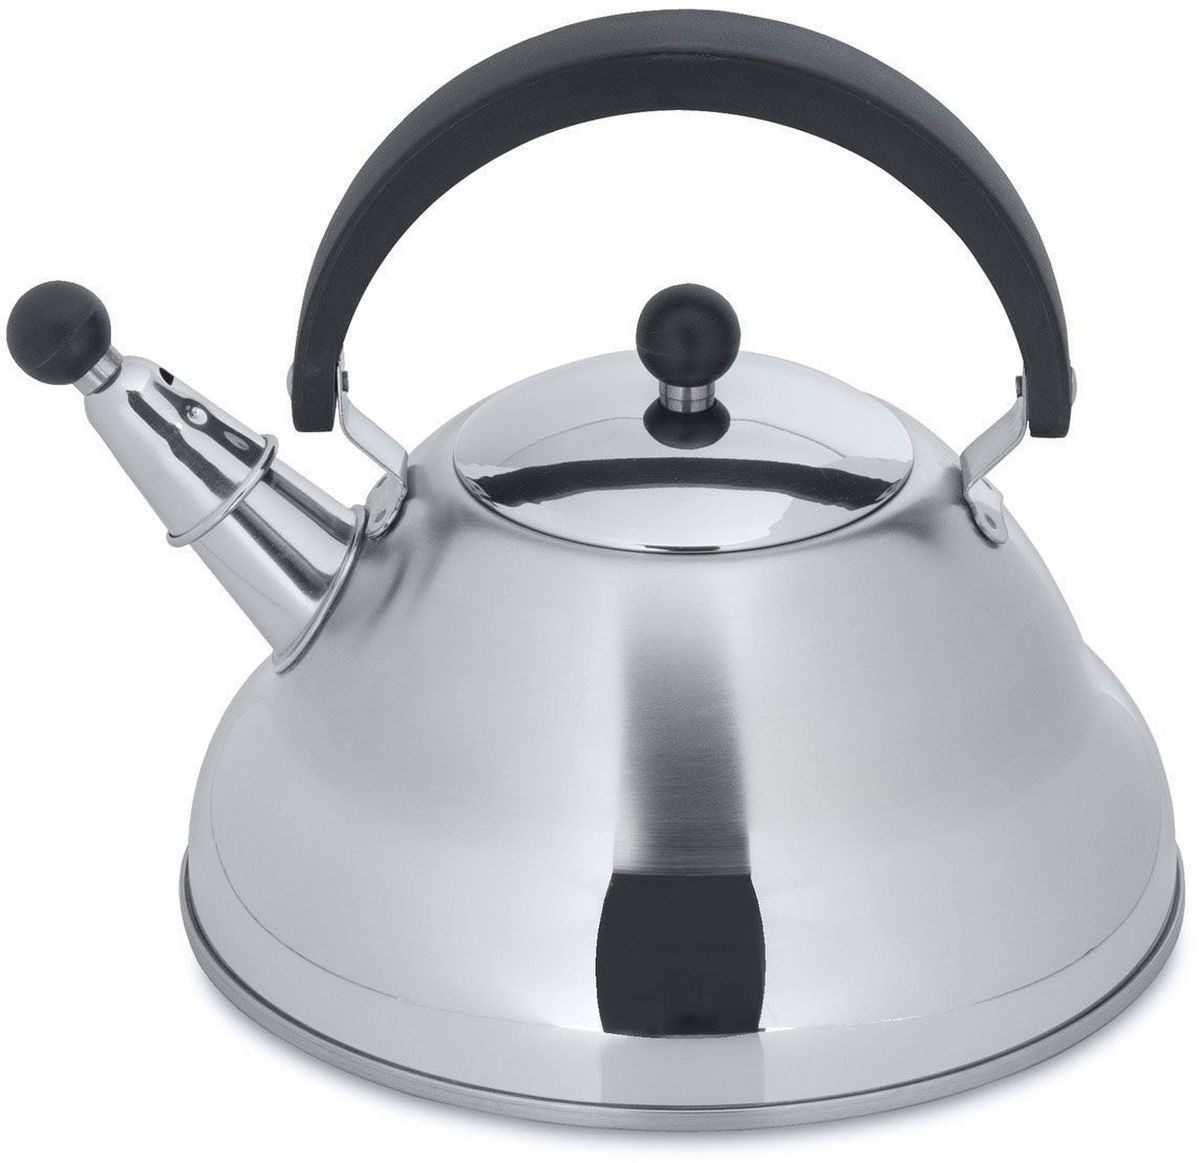 """Чайник BergHOFF """"Studio. Melody"""" изготовлен из высококачественной нержавеющей стали 18/10, которая обладает бактериостатическими свойствами. Эргономичная ручка из бакелита делает использование чайника очень удобным и безопасным. Носик чайника имеет насадку-свисток, что позволит контролировать процесс подогрева или кипячения воды. Термокапсульное дно при кипячении сохраняет все полезные свойства воды.Подходит для всех типов плит, включая индукционные. Можно мыть в посудомоечной машине."""